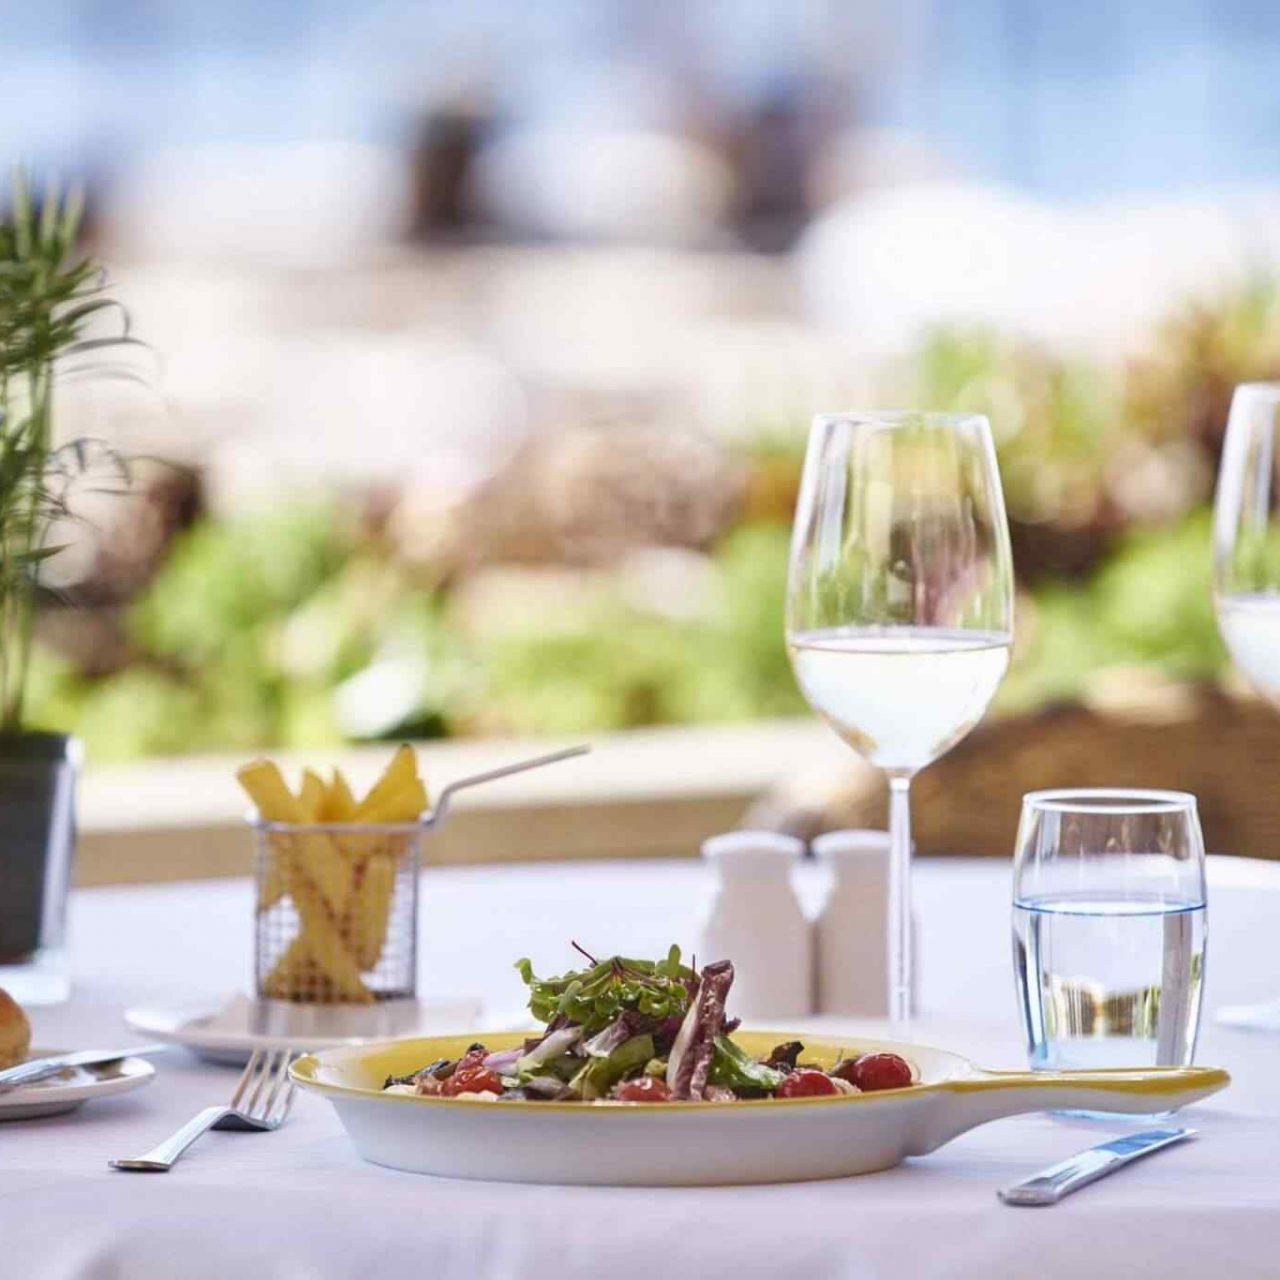 https://theglam.es/wp-content/uploads/2017/08/restaurant-01-6-1280x1280.jpg